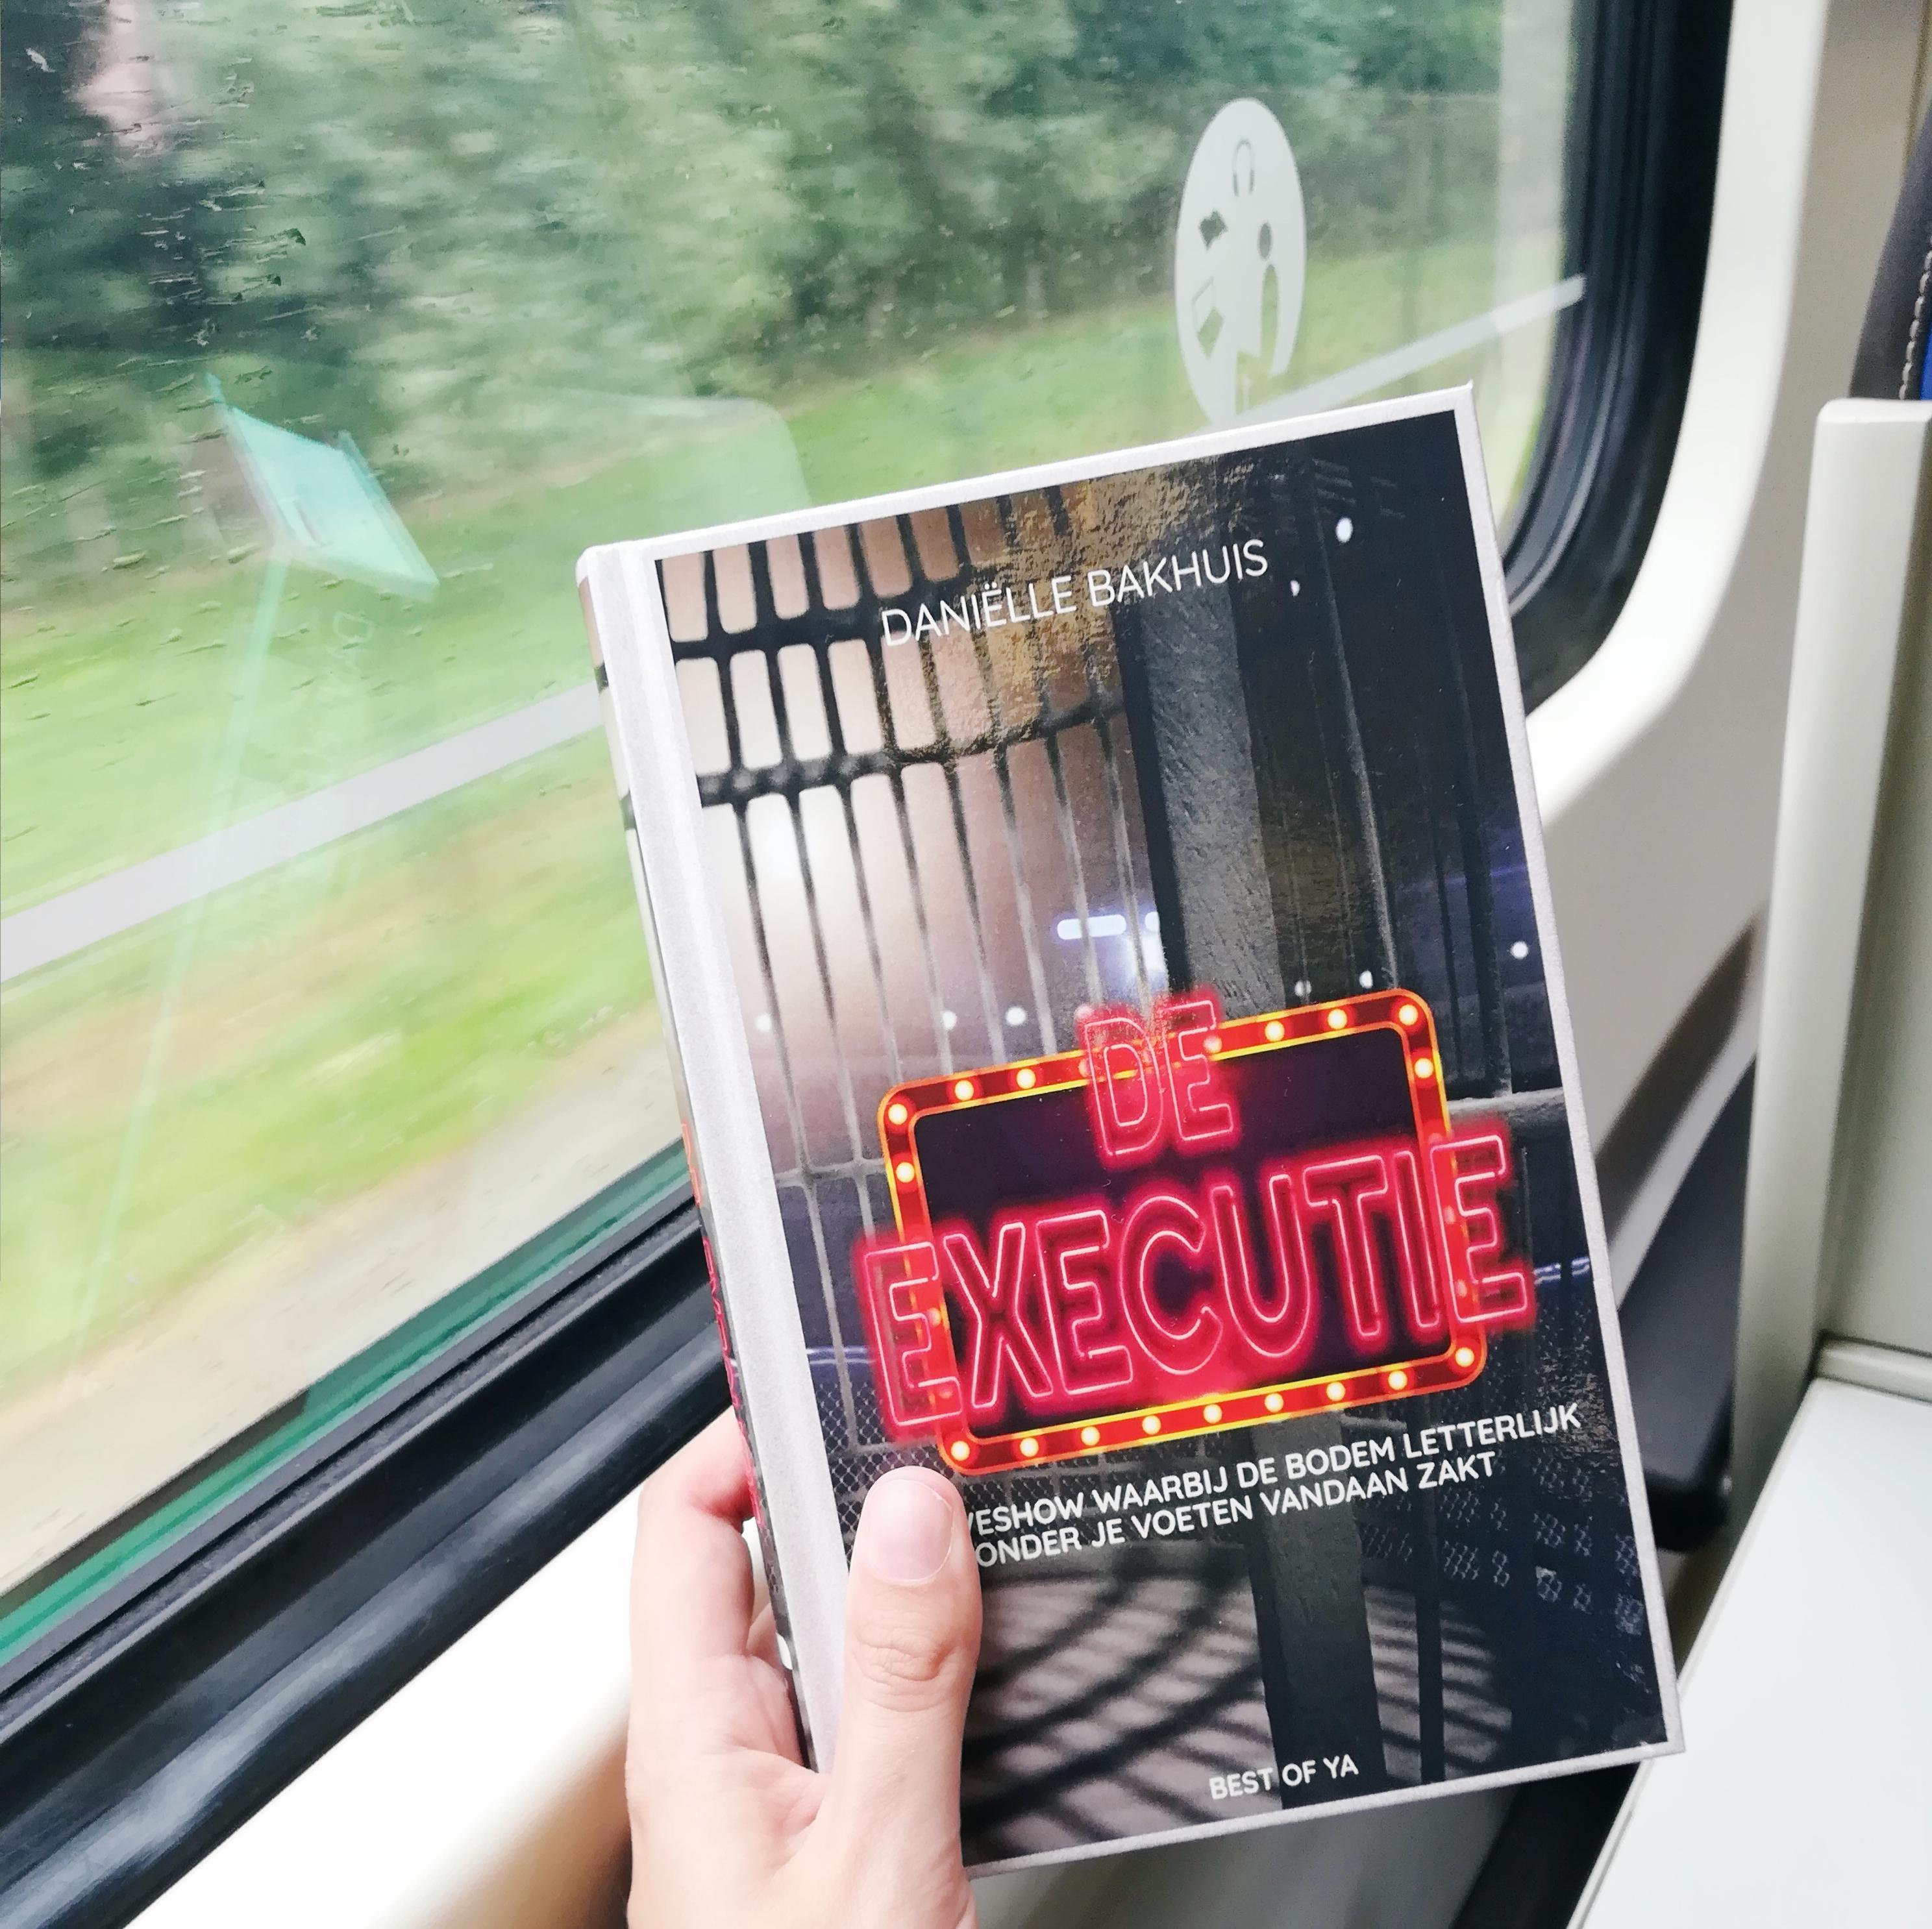 De executie - Danielle Bakhuis Marieke's Books